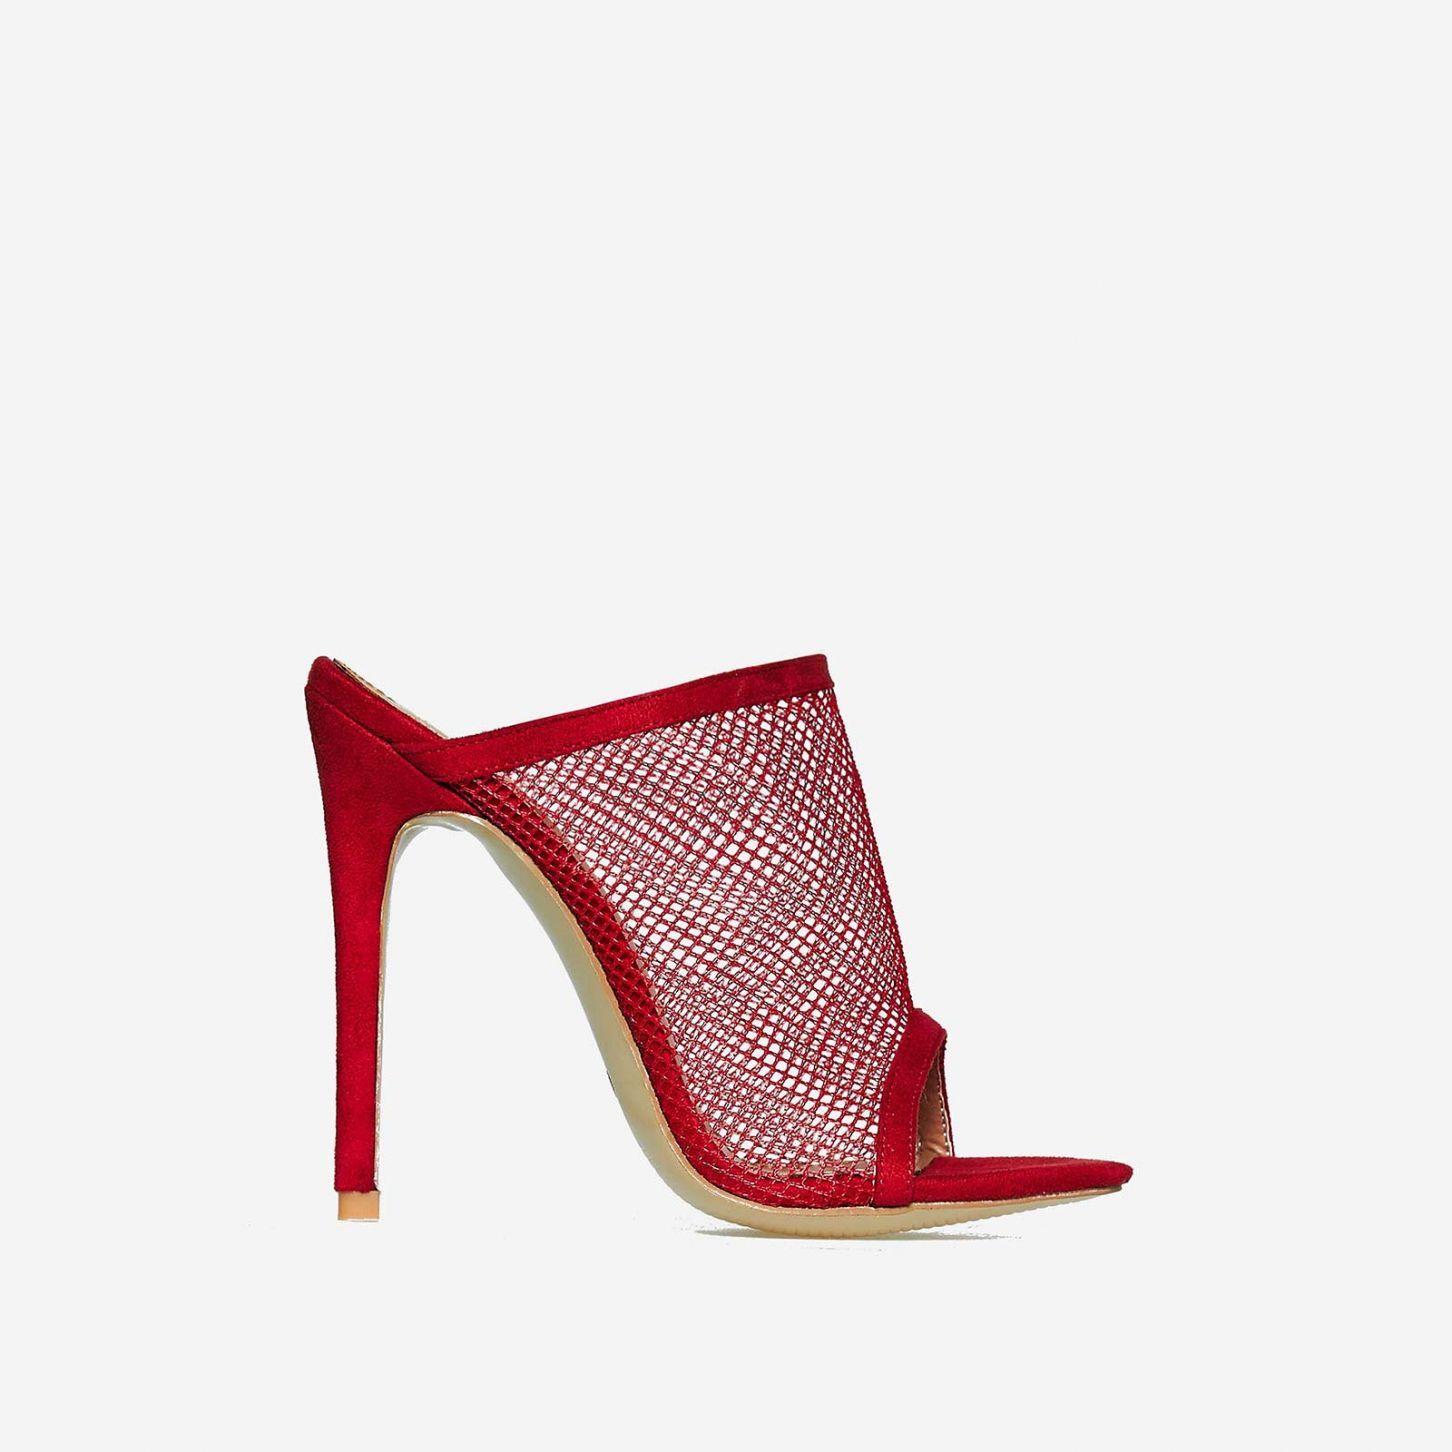 035552f3e159 Cardi Fishnet Peep Toe Mule In Red Faux Suede